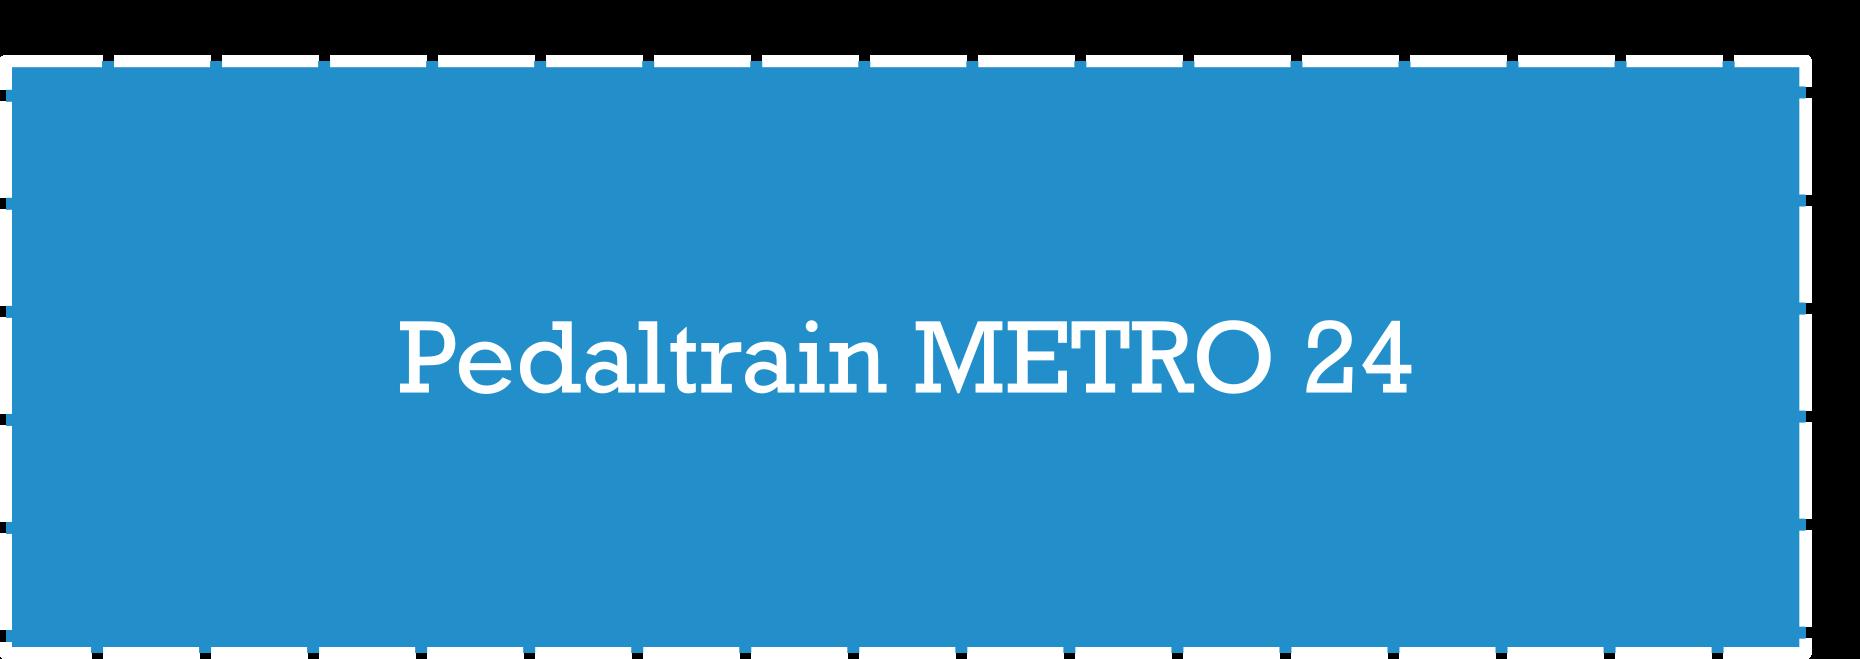 Pedaltrain Metro 24 Pedalboard Dimensions